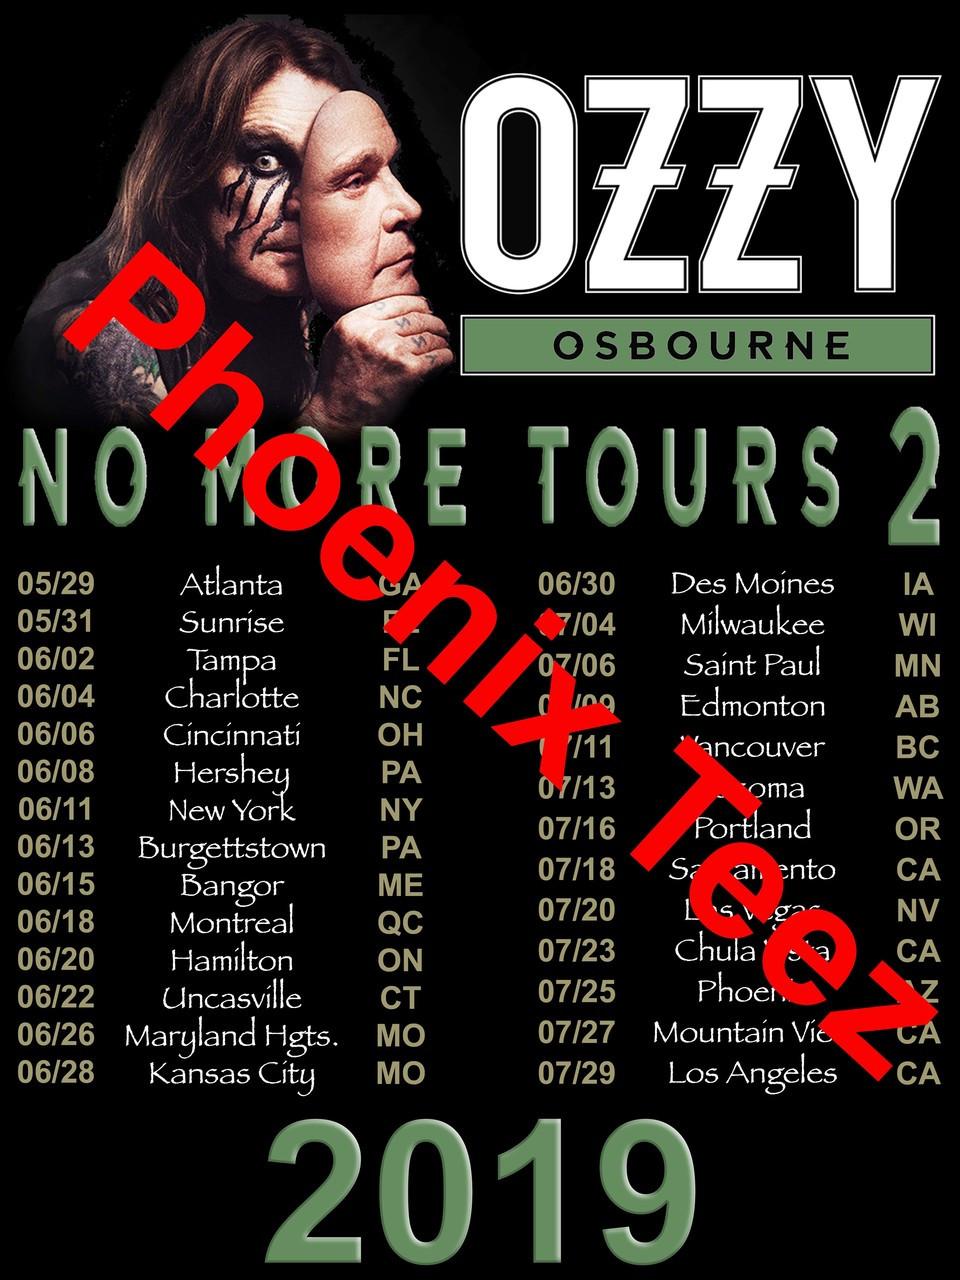 c8af8201 ... T shirt Ozzy Osbourne 2019